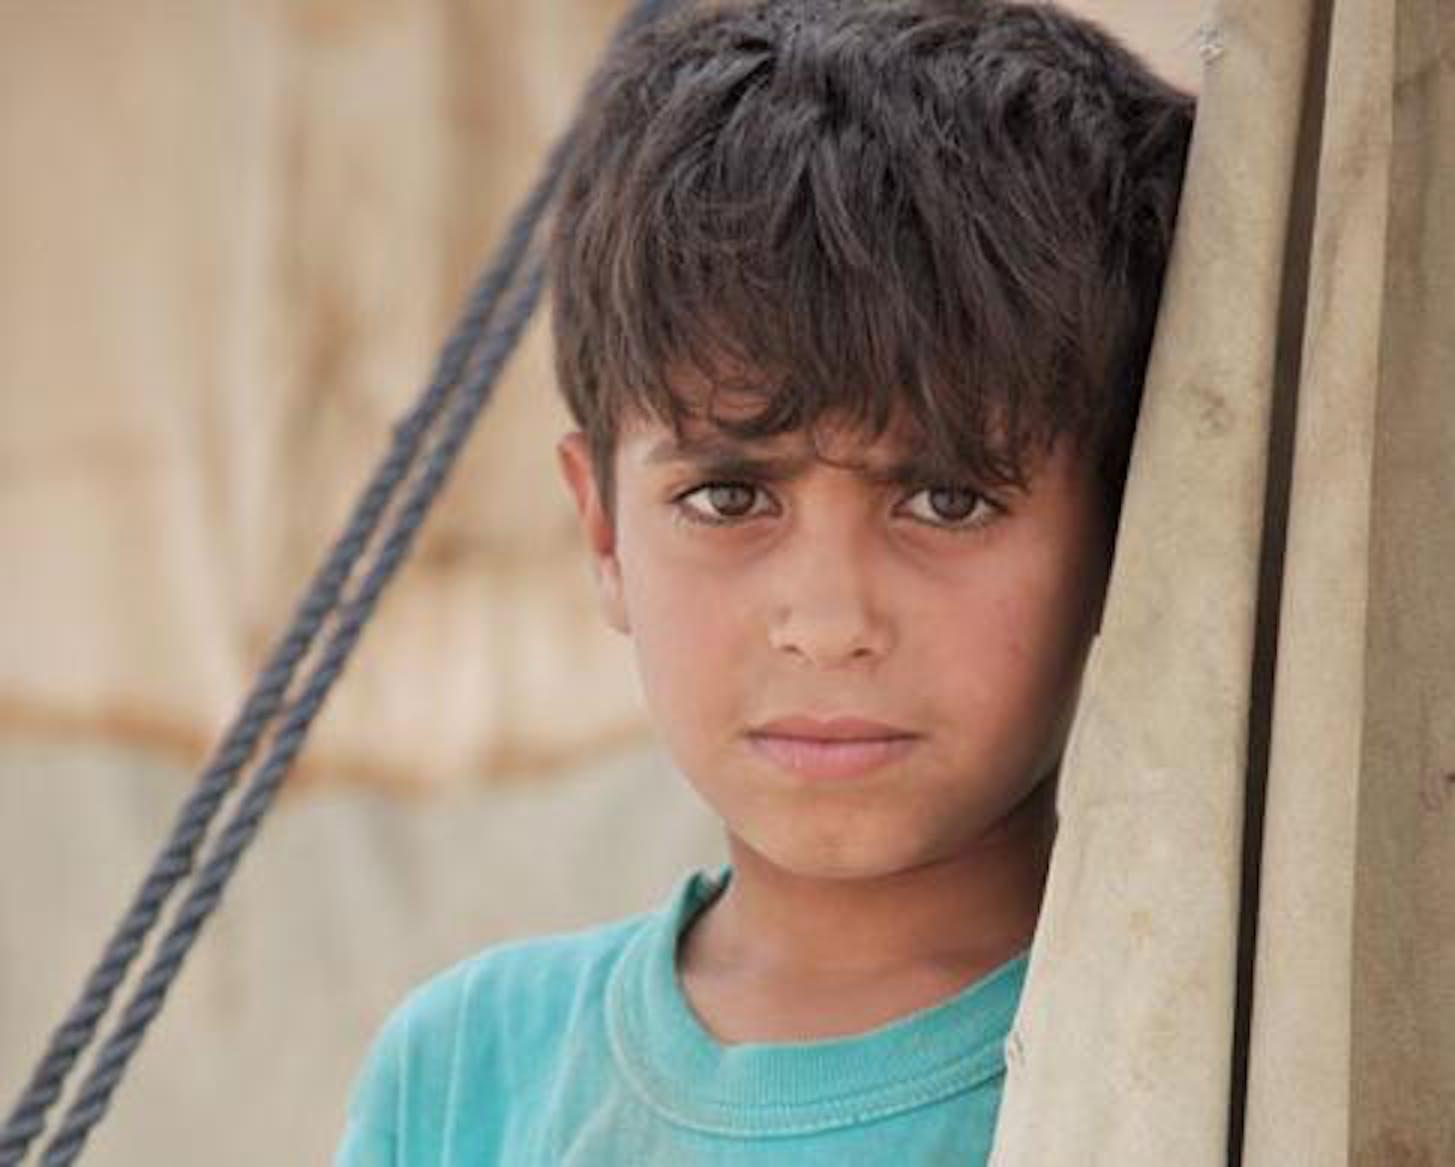 Inaccettabili le violenze sui bambini in Siria